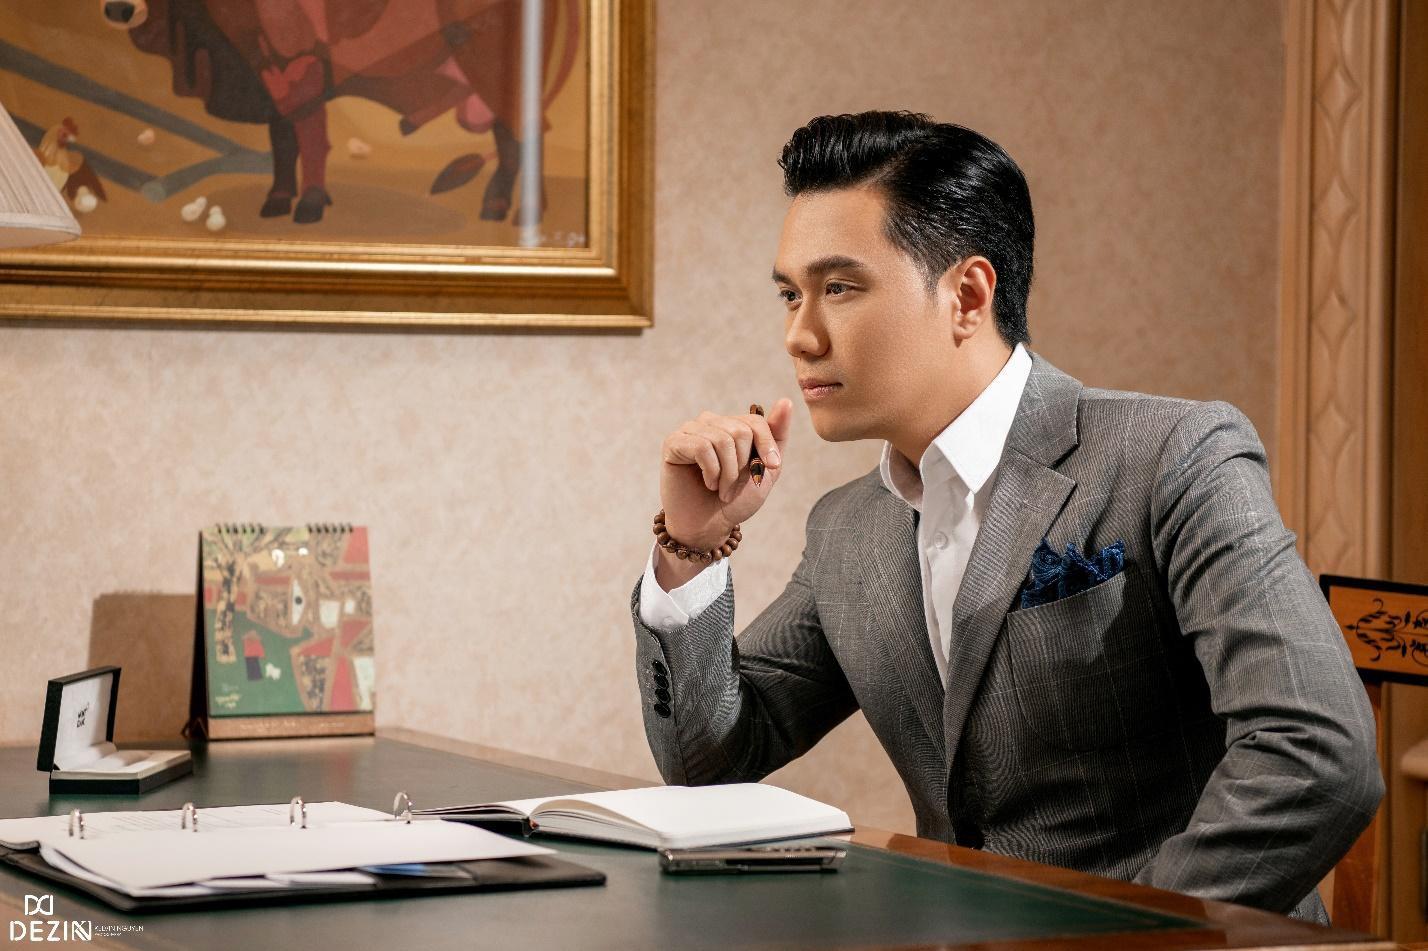 Đều mặc vest DEZI, Đông Hòa trong phim lẫn Việt Anh ngoài đời cùng khiến khán giả mê mệt với phong cách lịch lãm chuẩn soái ca - Ảnh 2.